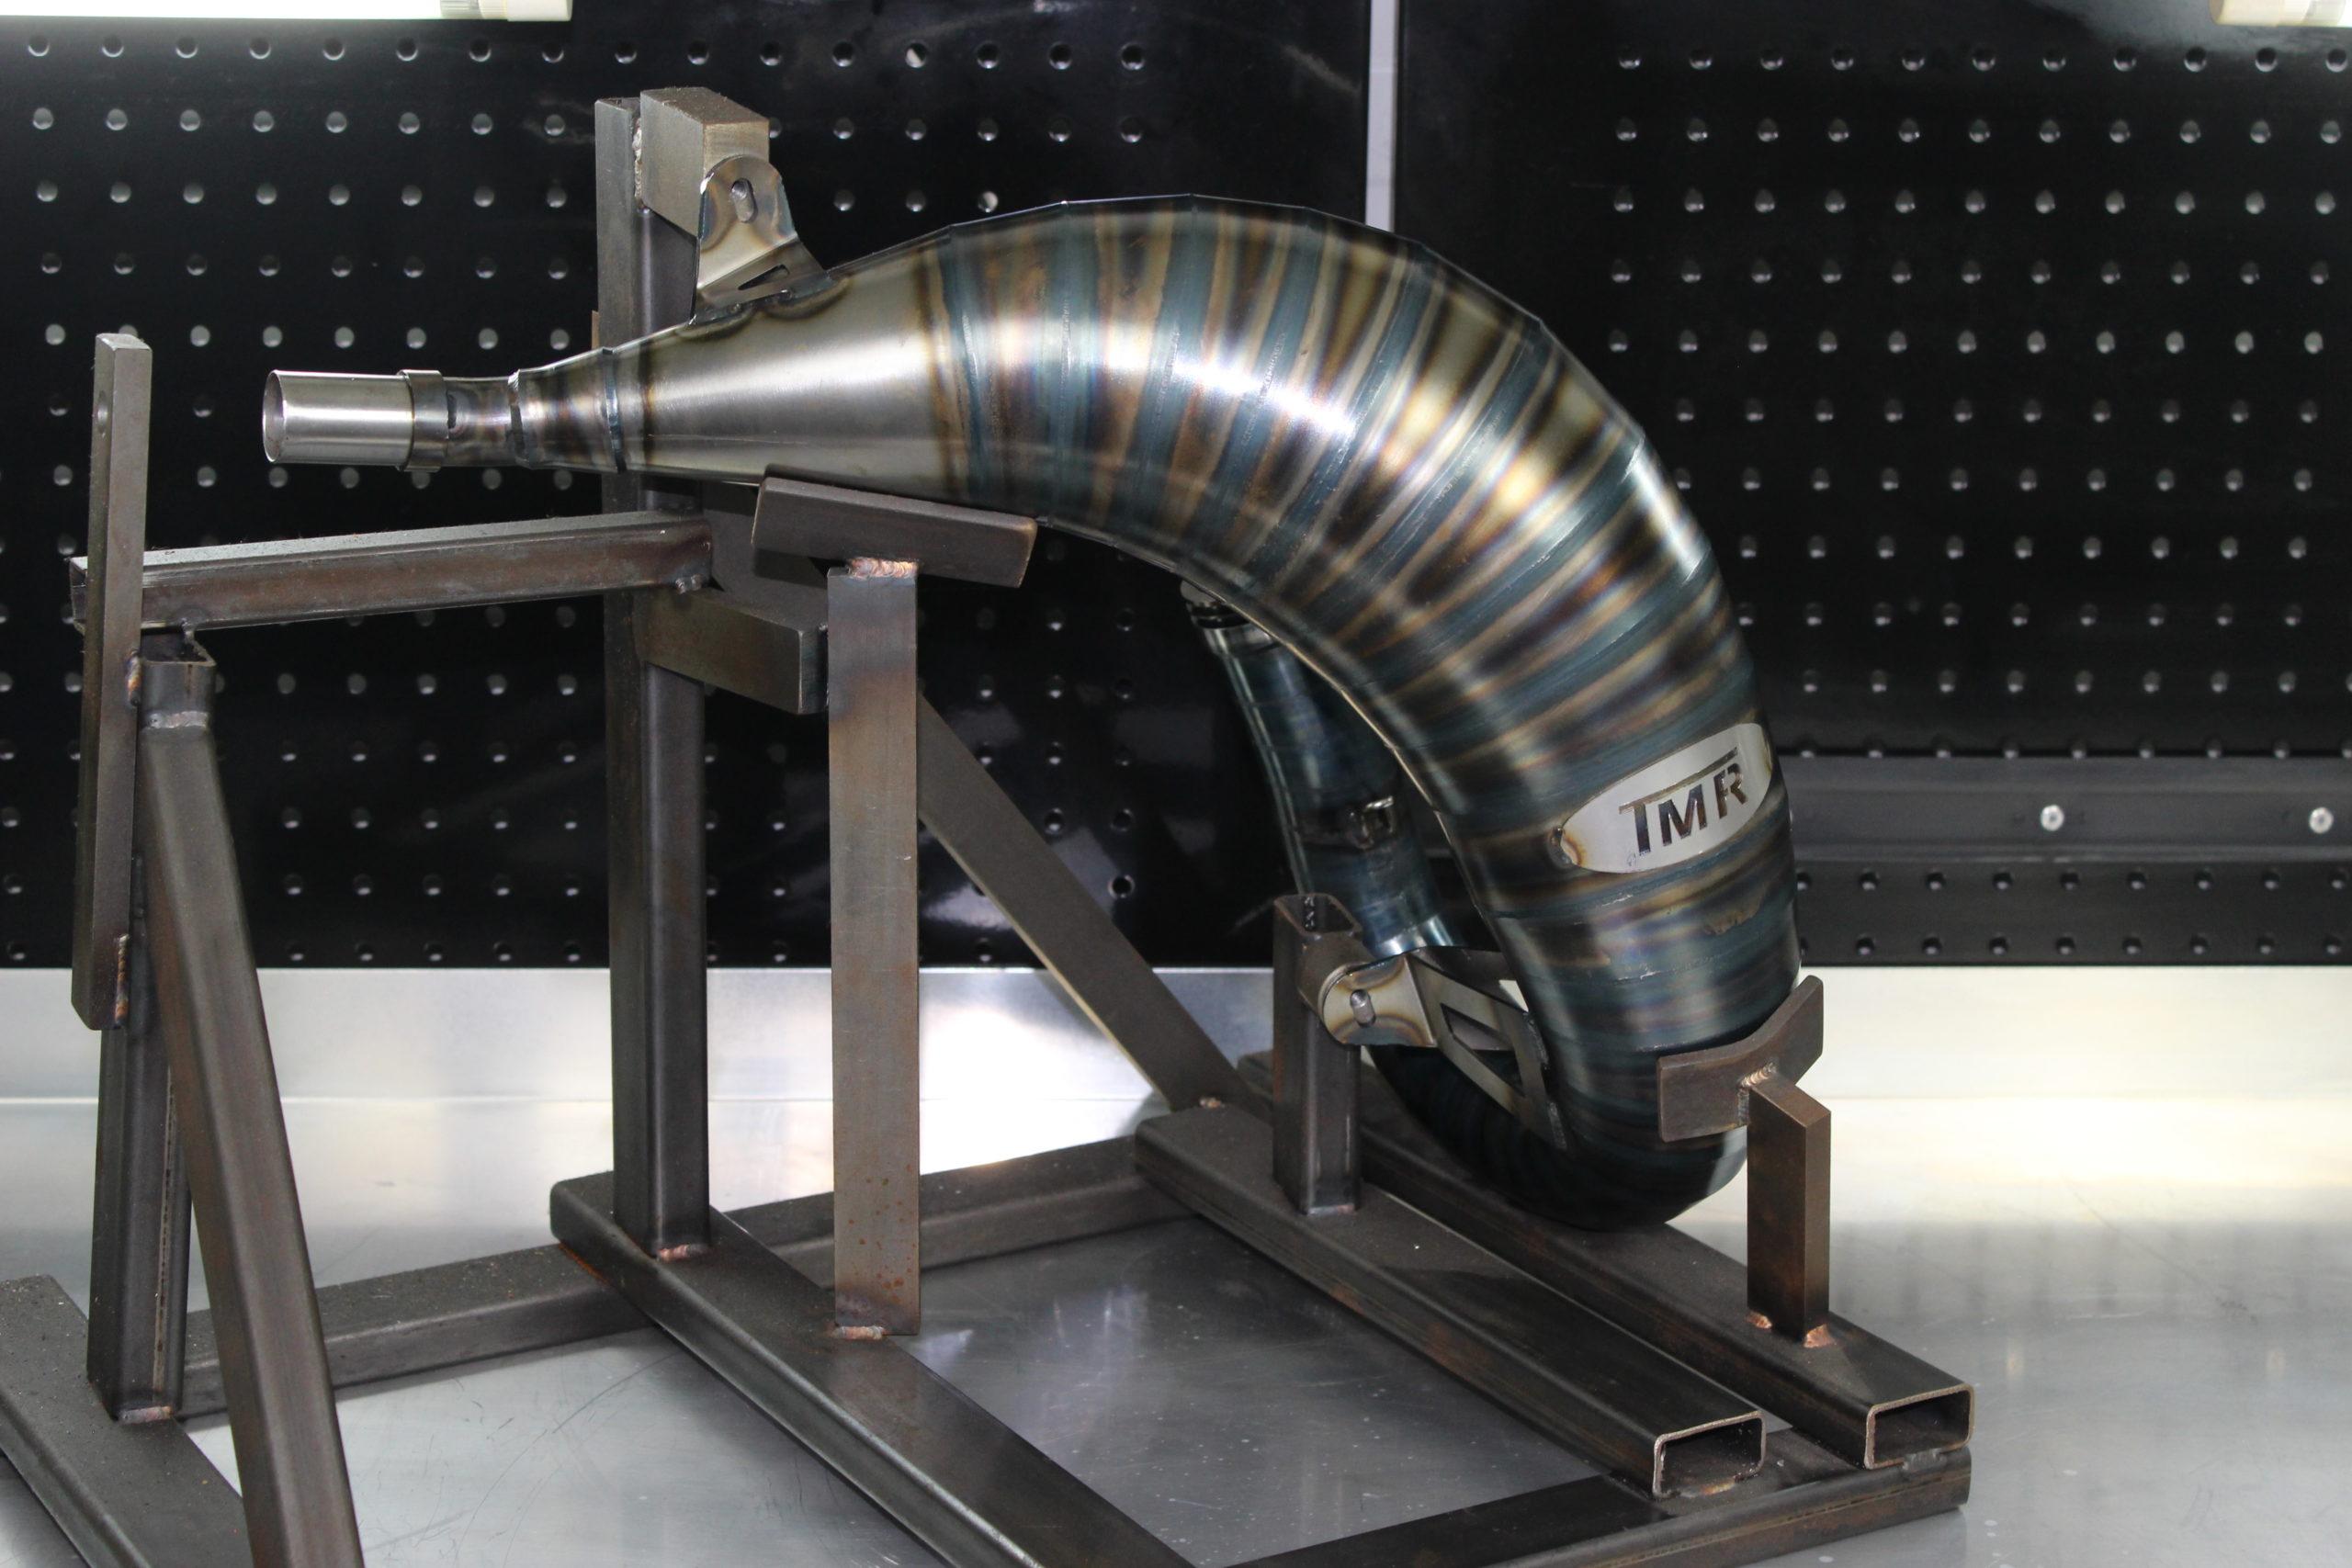 Tmr Performance Parts Ktm Husqvarna 125-150 ccm Auspuffanlage 2016 bis 2018 Ansicht 4